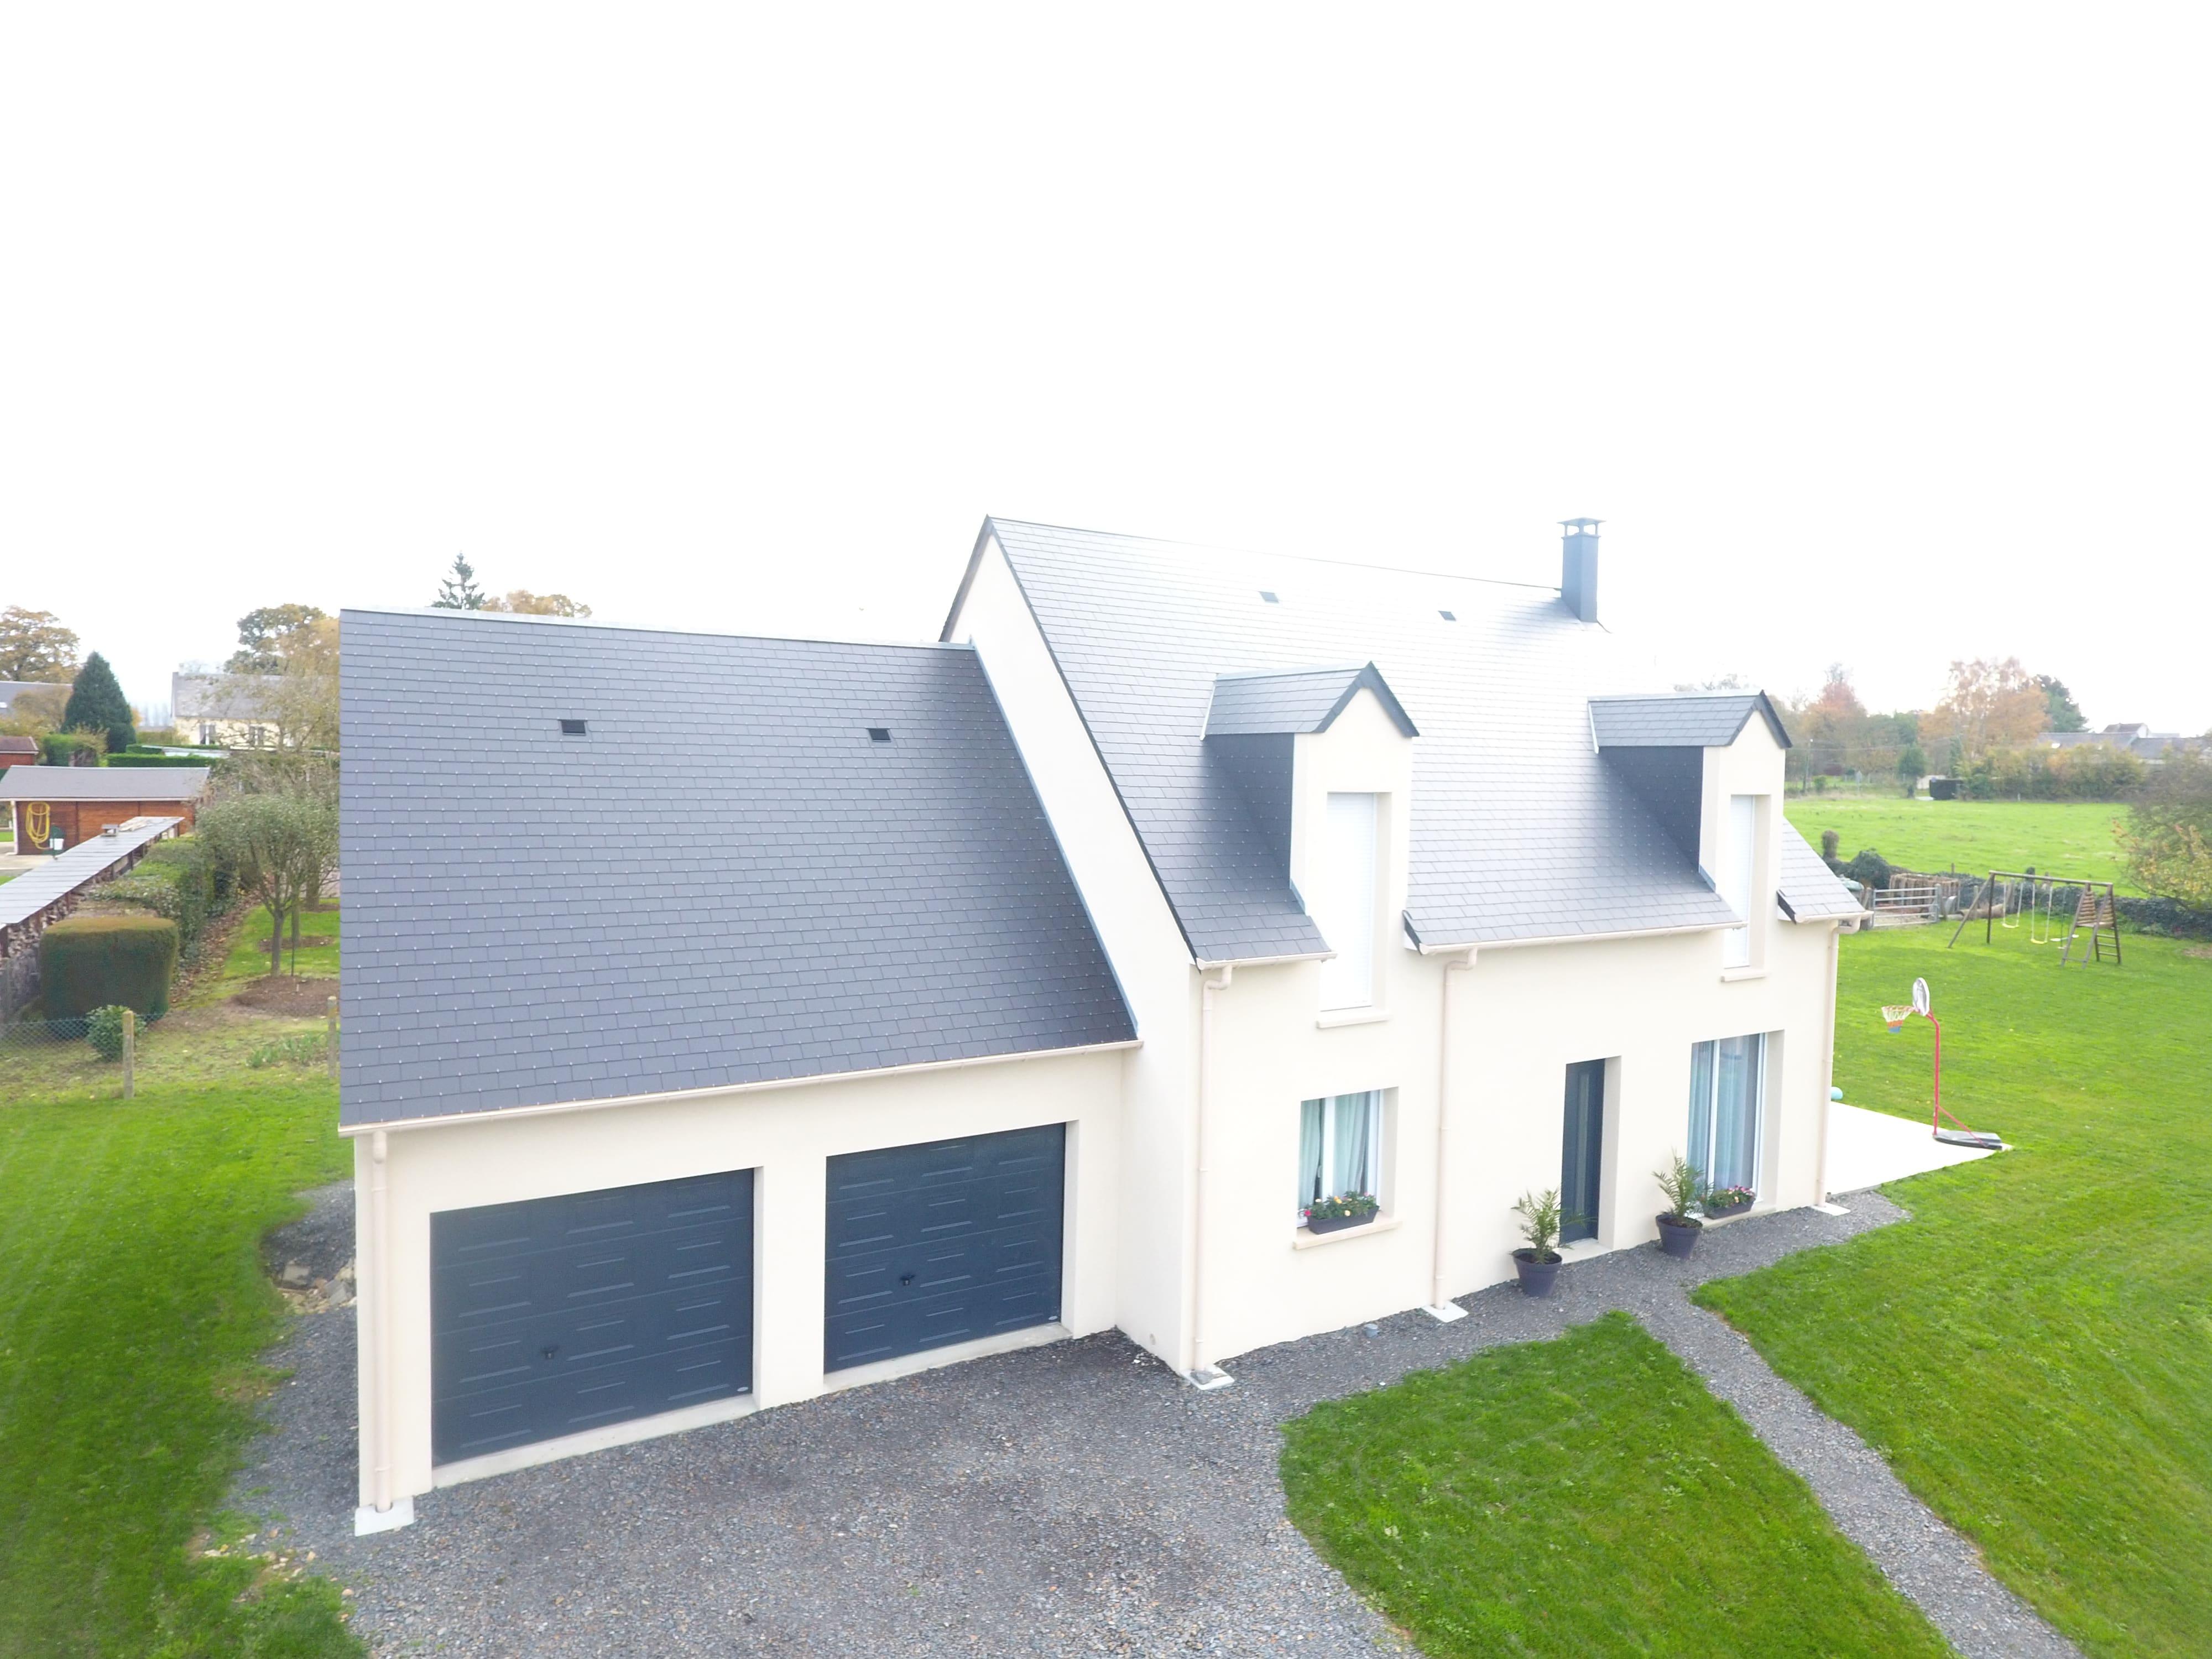 Constructeur maisons individuelles Bayeux-Magnifique FAMILY 101m² lucarnes double garage